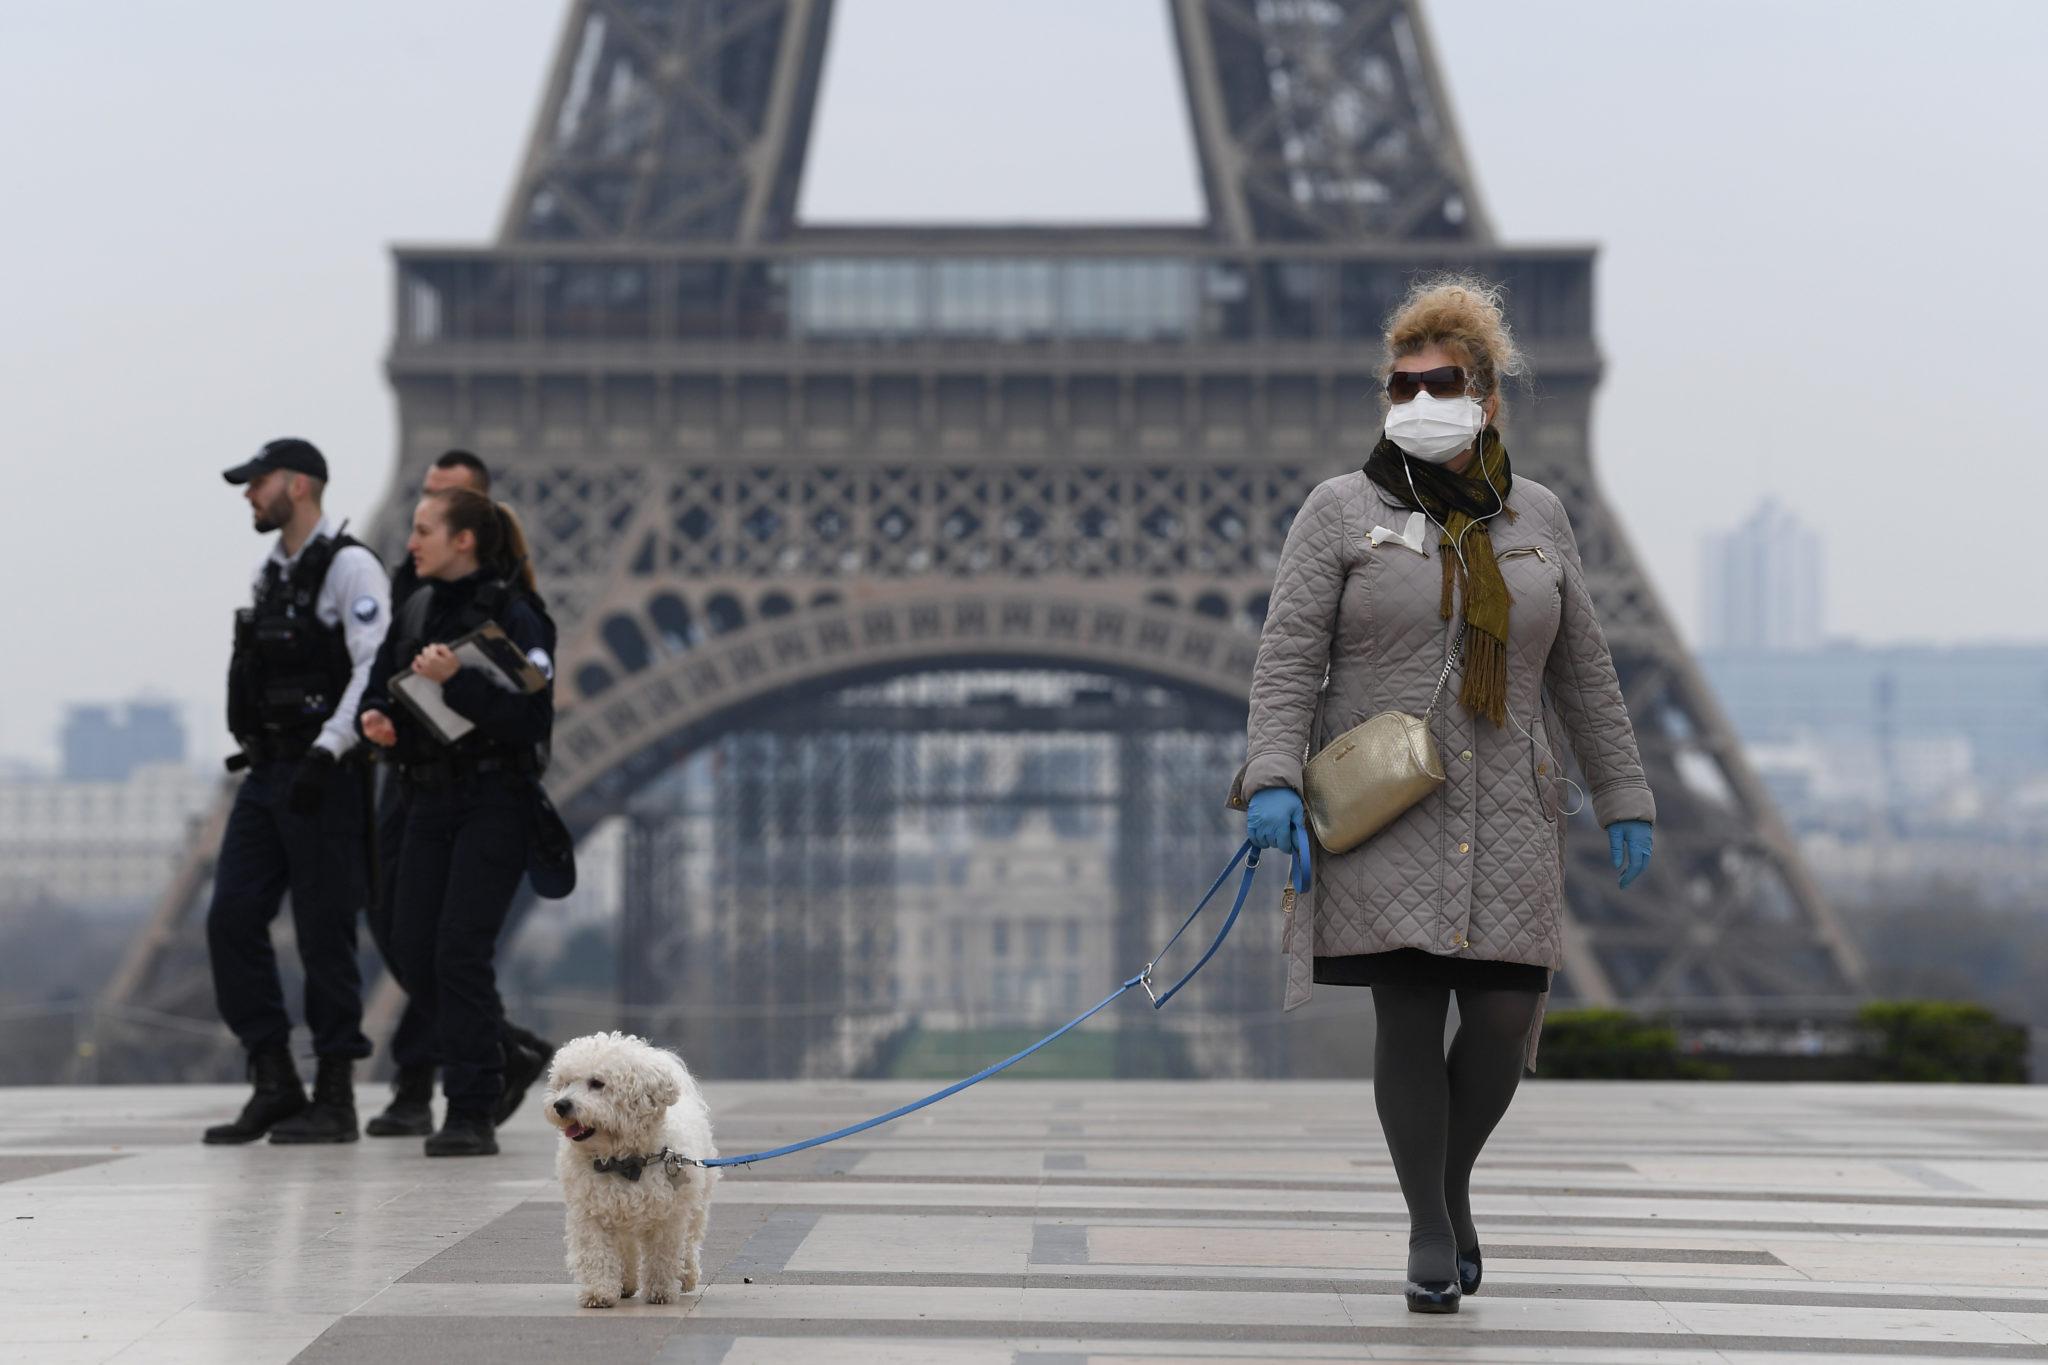 Во Франции стали требовать отрицательный тест на COVID-19 от приезжающих из других стран ЕС